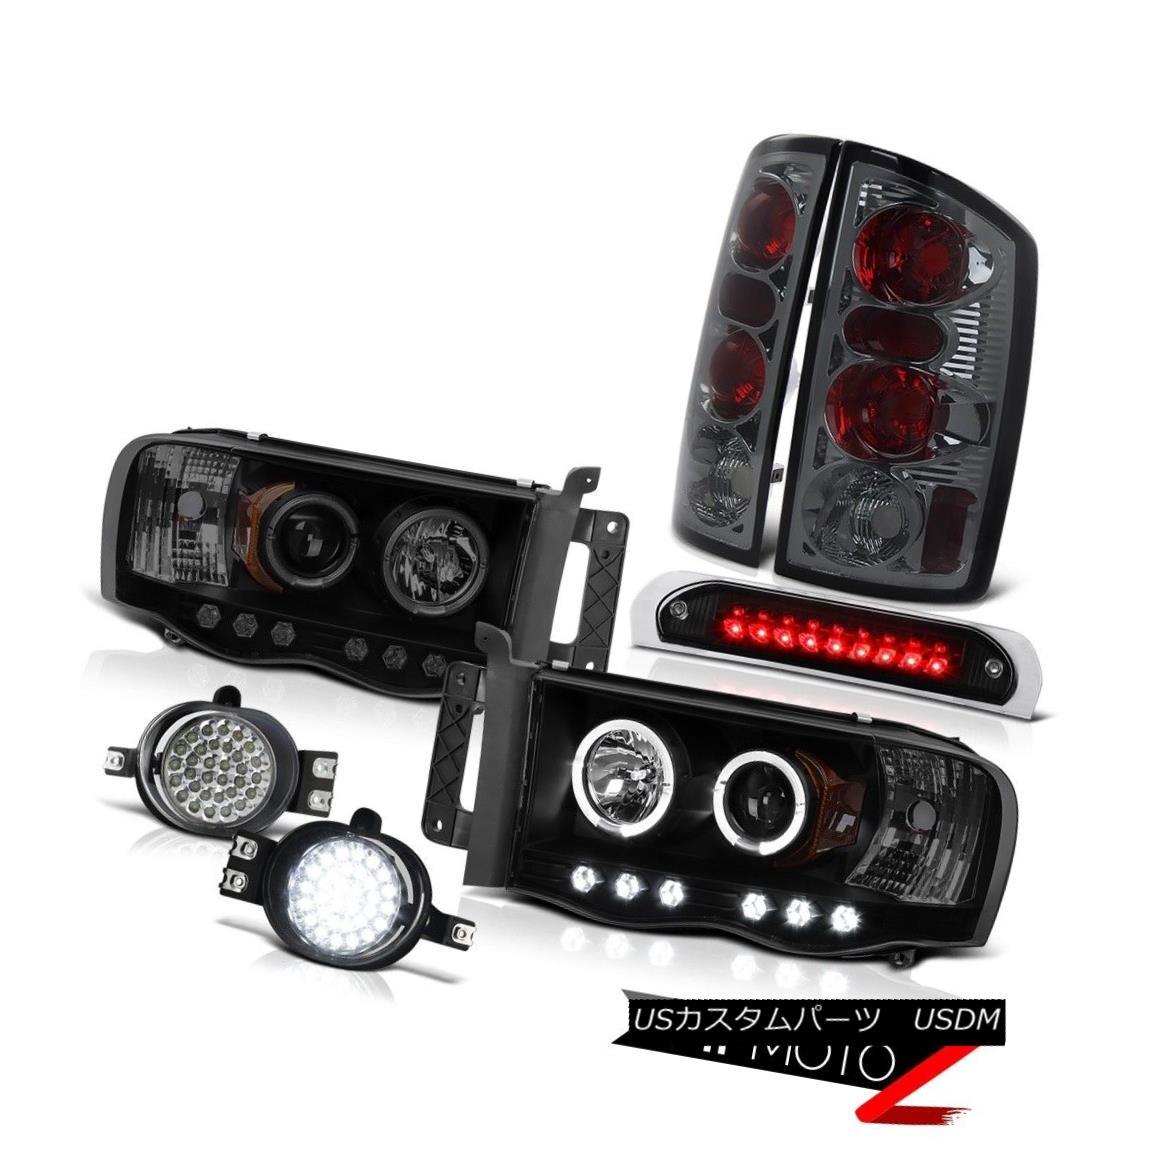 テールライト 02-05 Ram 1500 Black Smoke Halo Headlights Tail Light SMD Foglight 3rd Brake LED 02-05 Ram 1500 Black Smoke HaloヘッドライトテールライトSMD Foglight 3rdブレーキLED